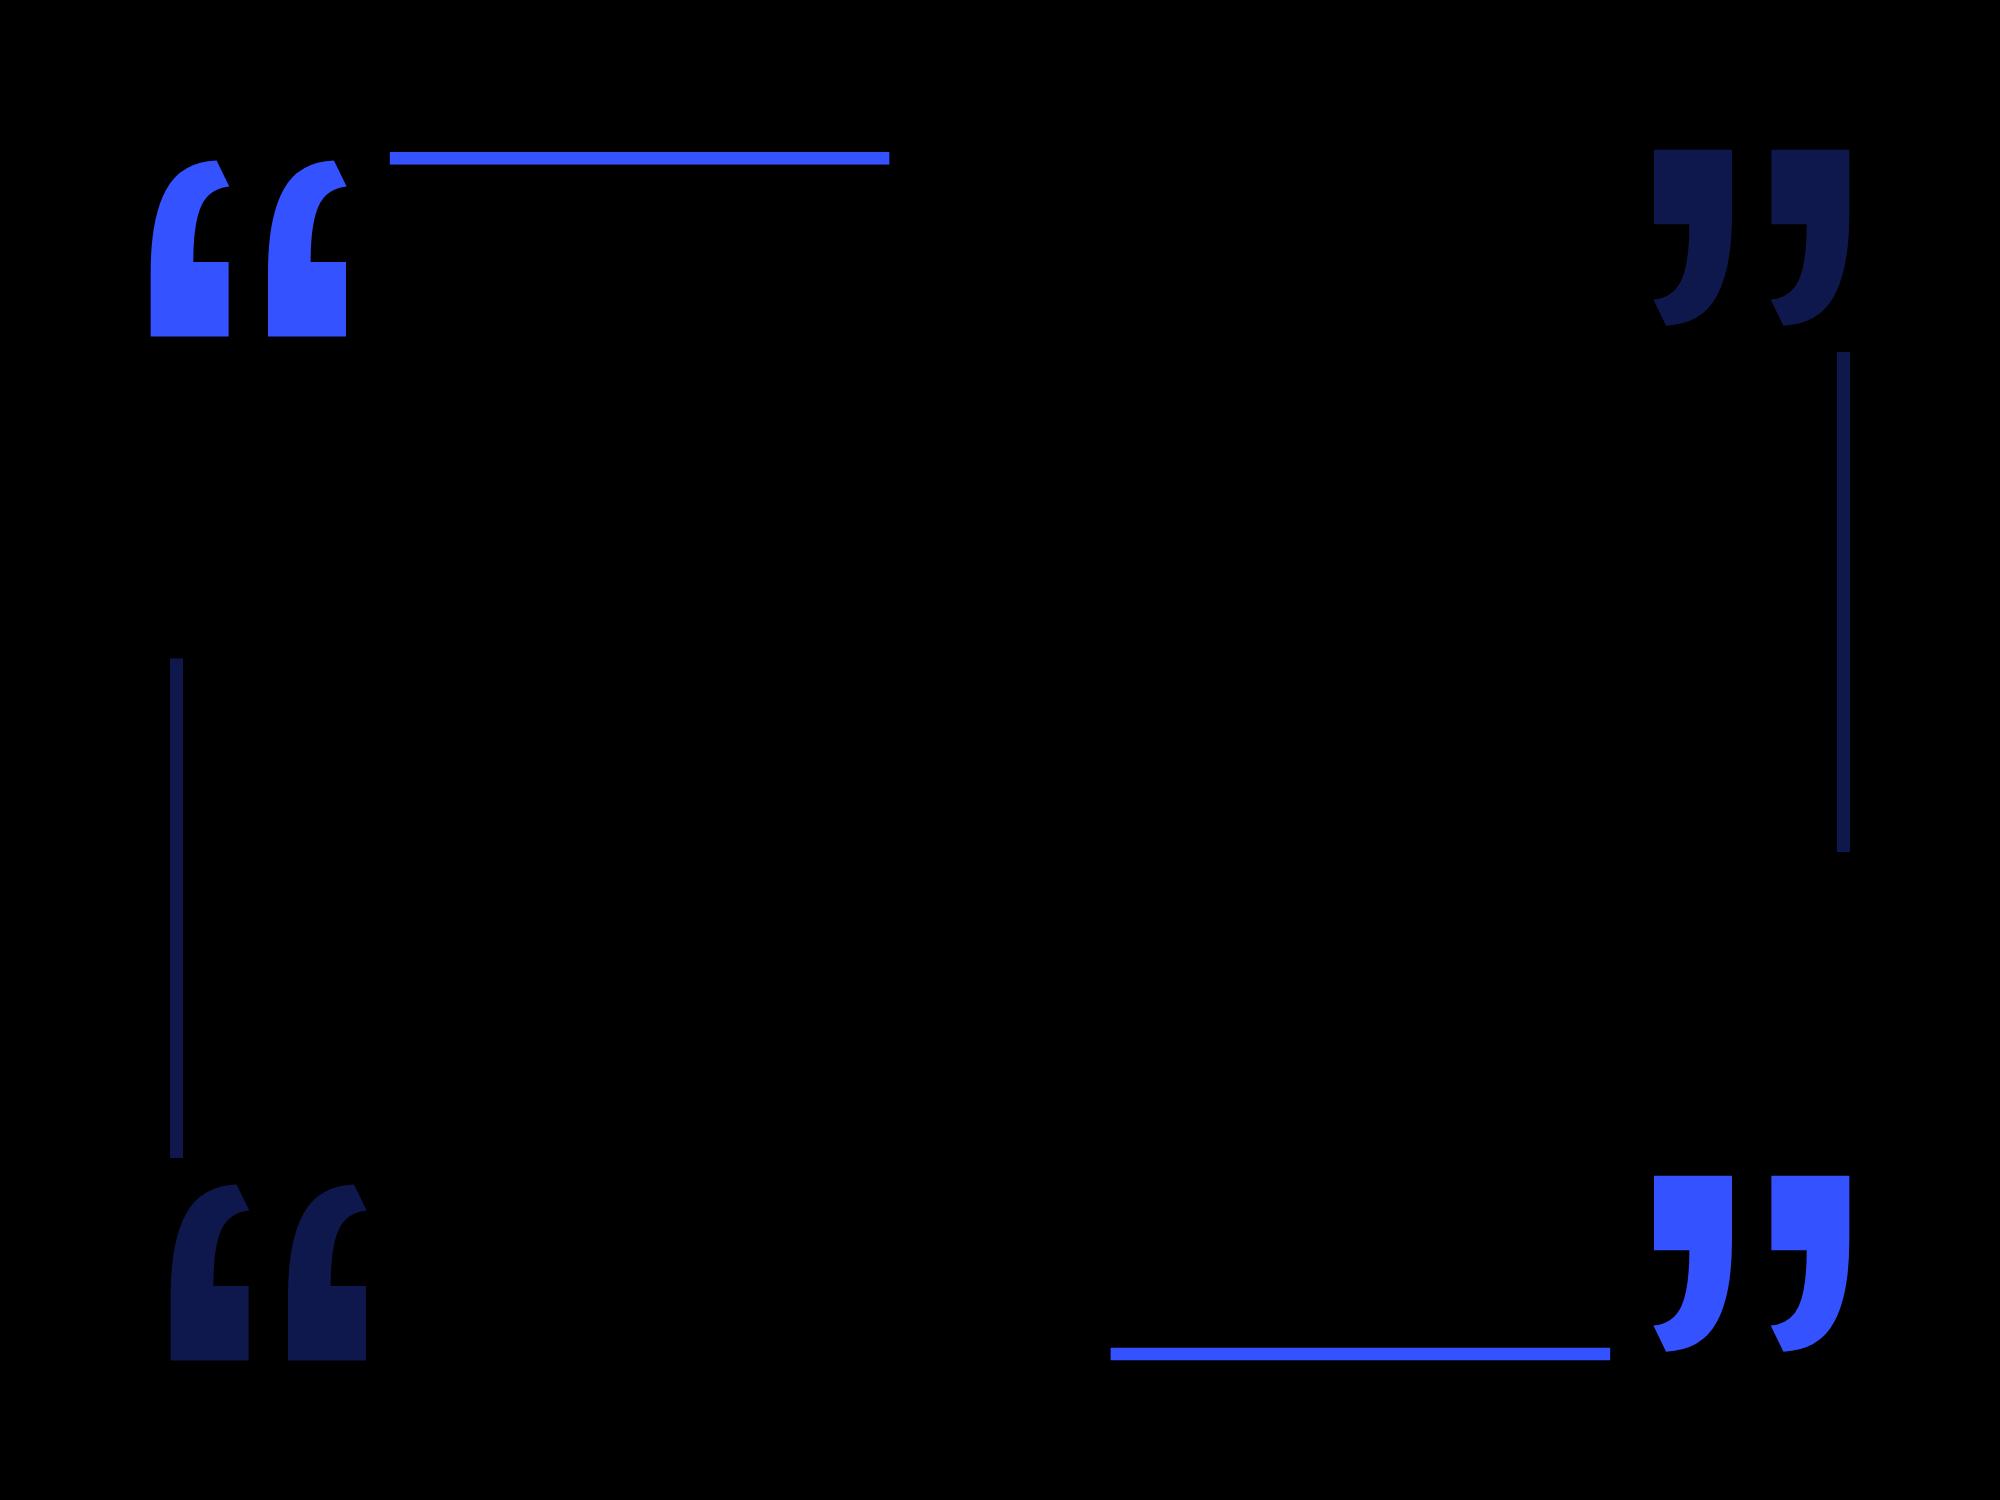 WEBINAIRE: L'impact de COVID-19 sur le commerce électronique & comment adapter votre stratégie numérique